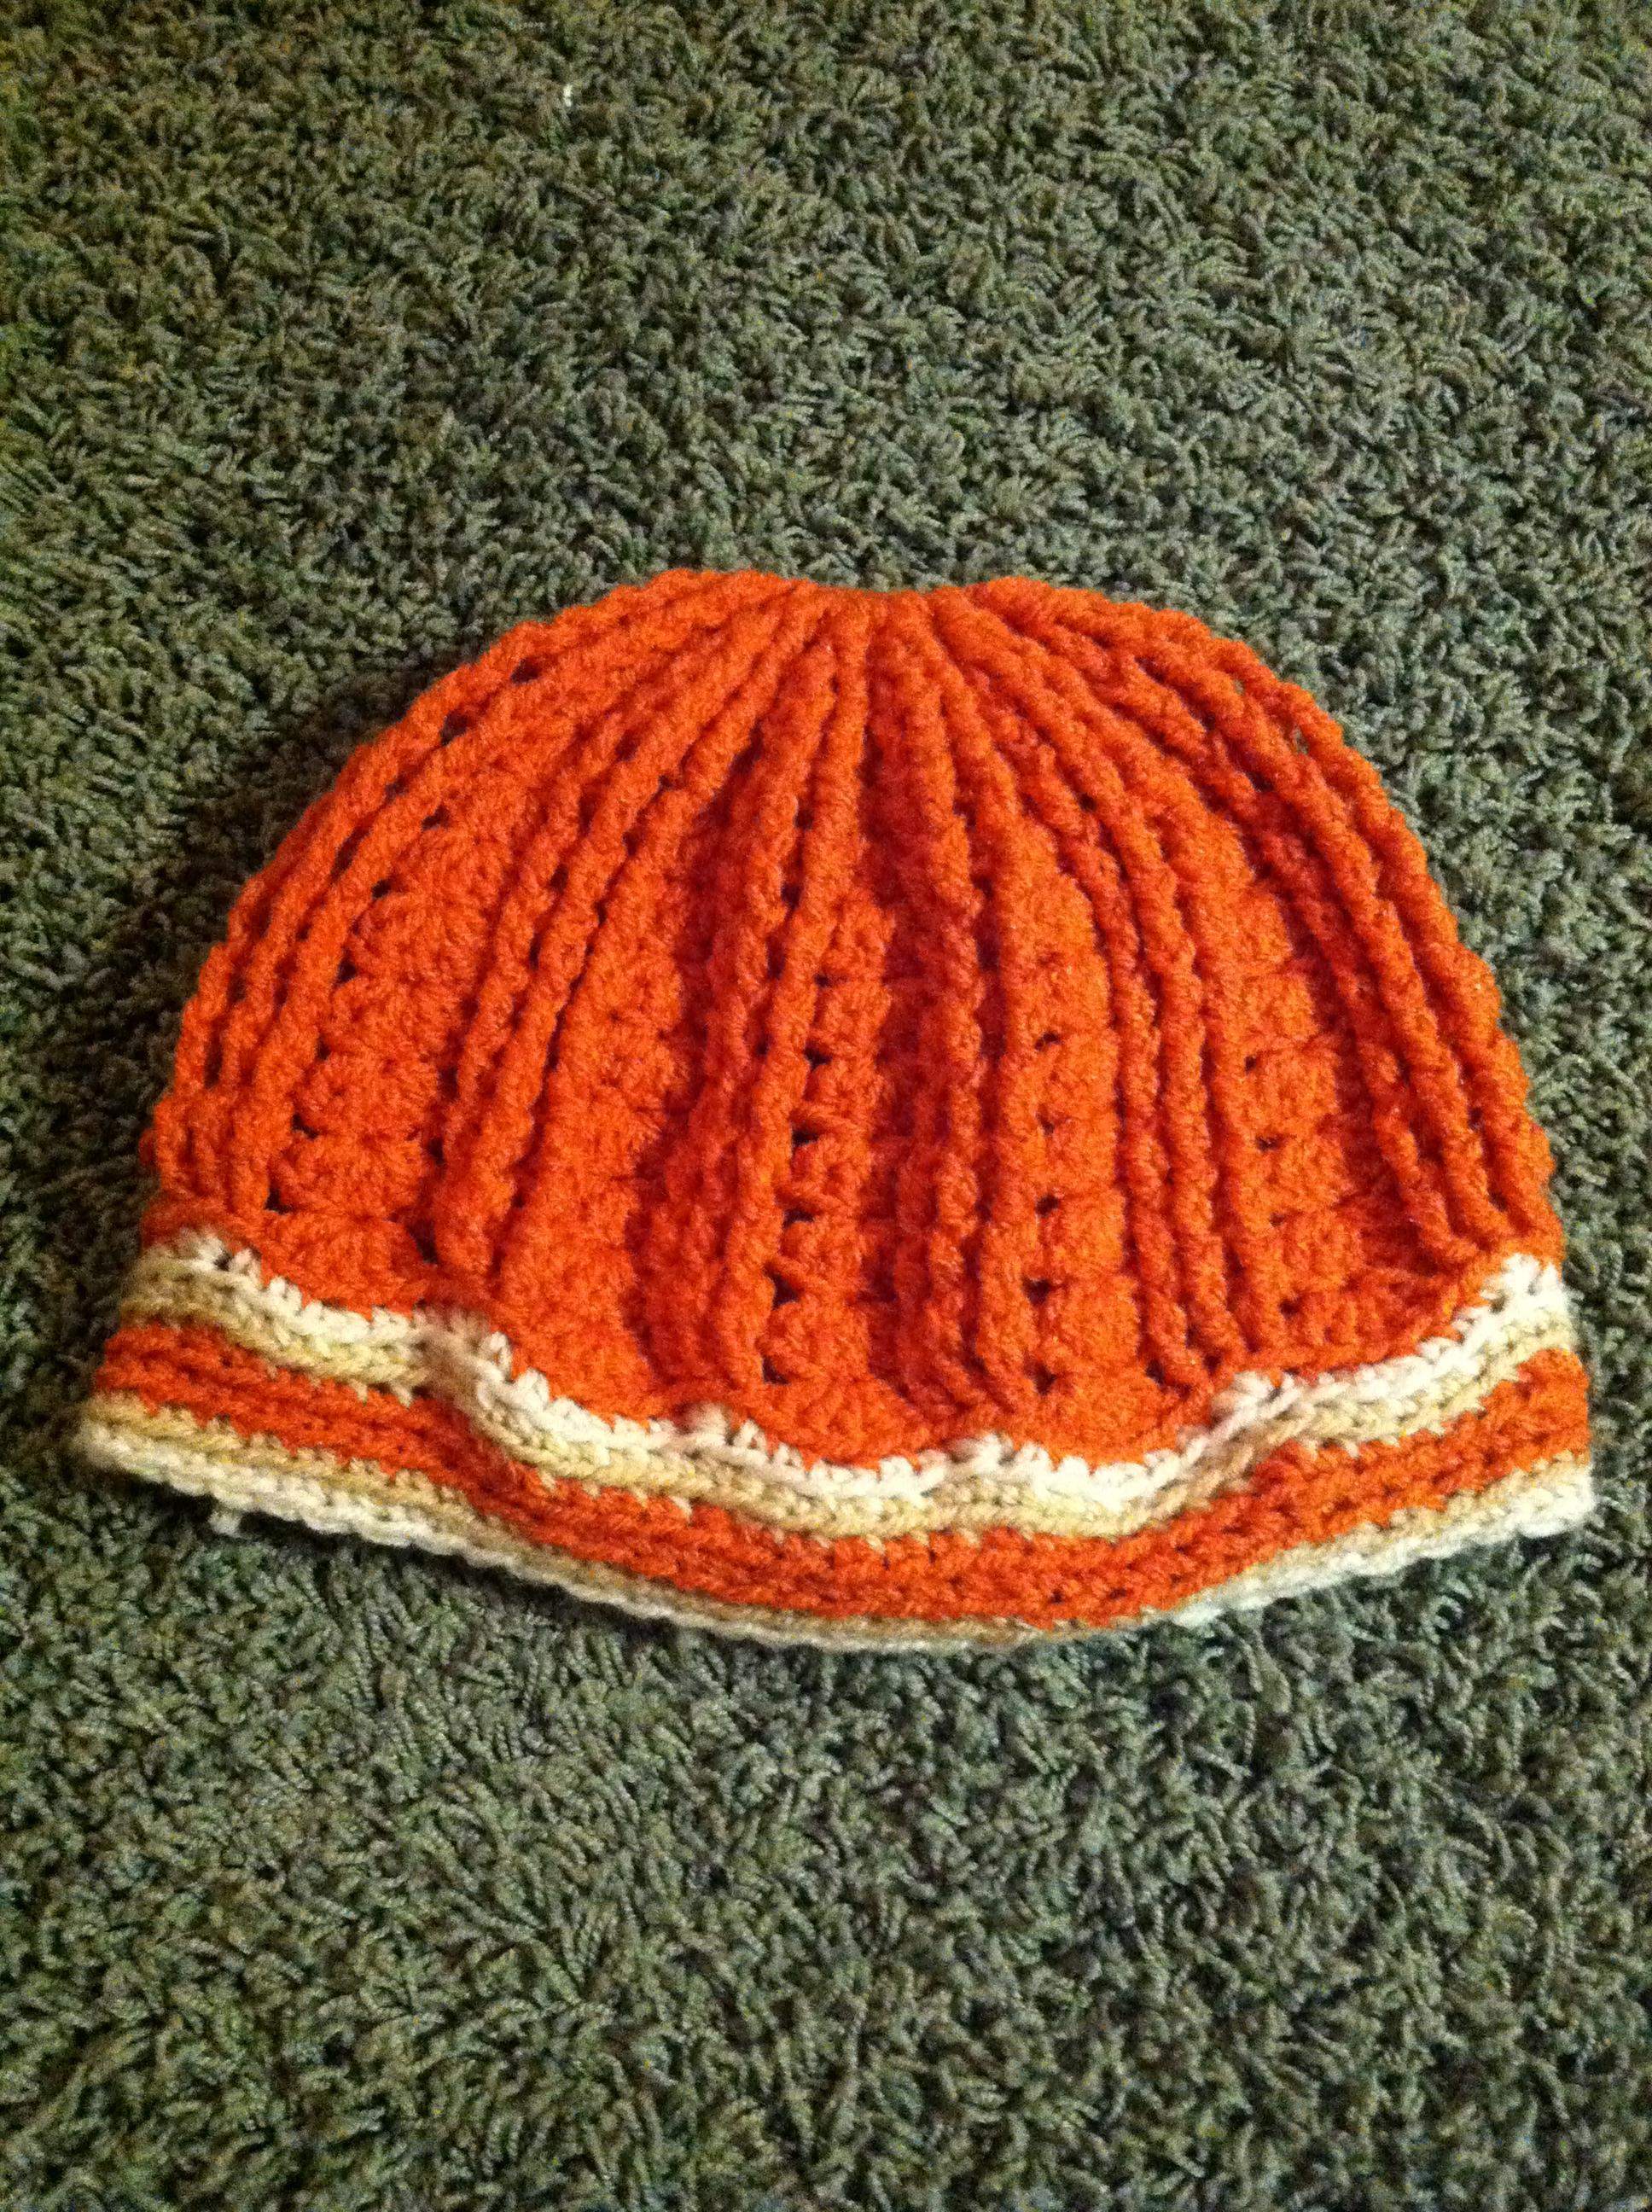 Orange and Cream Hat